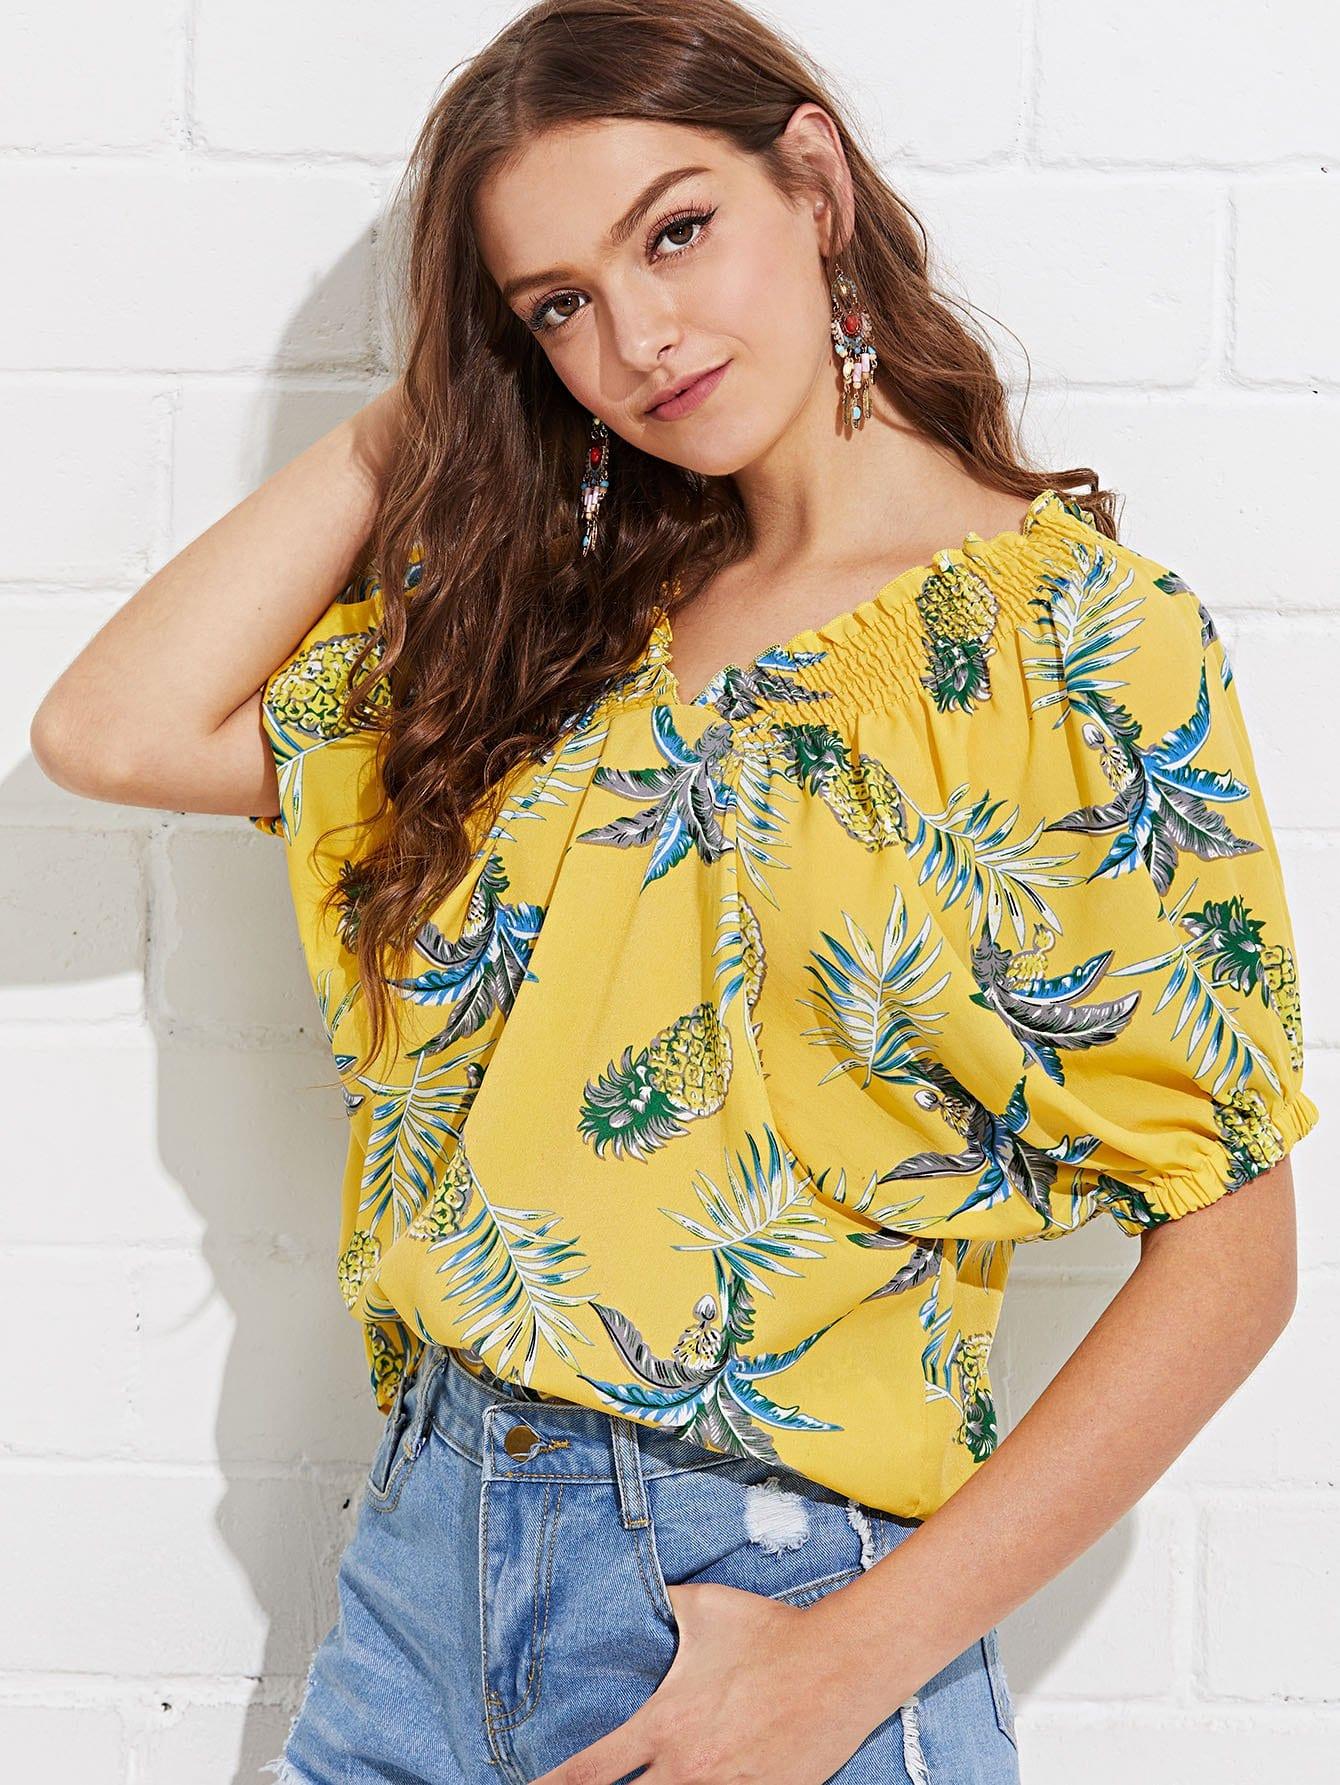 Купить Рубашка с рисунками тропических листьев и воротник со складками, Luiza, SheIn